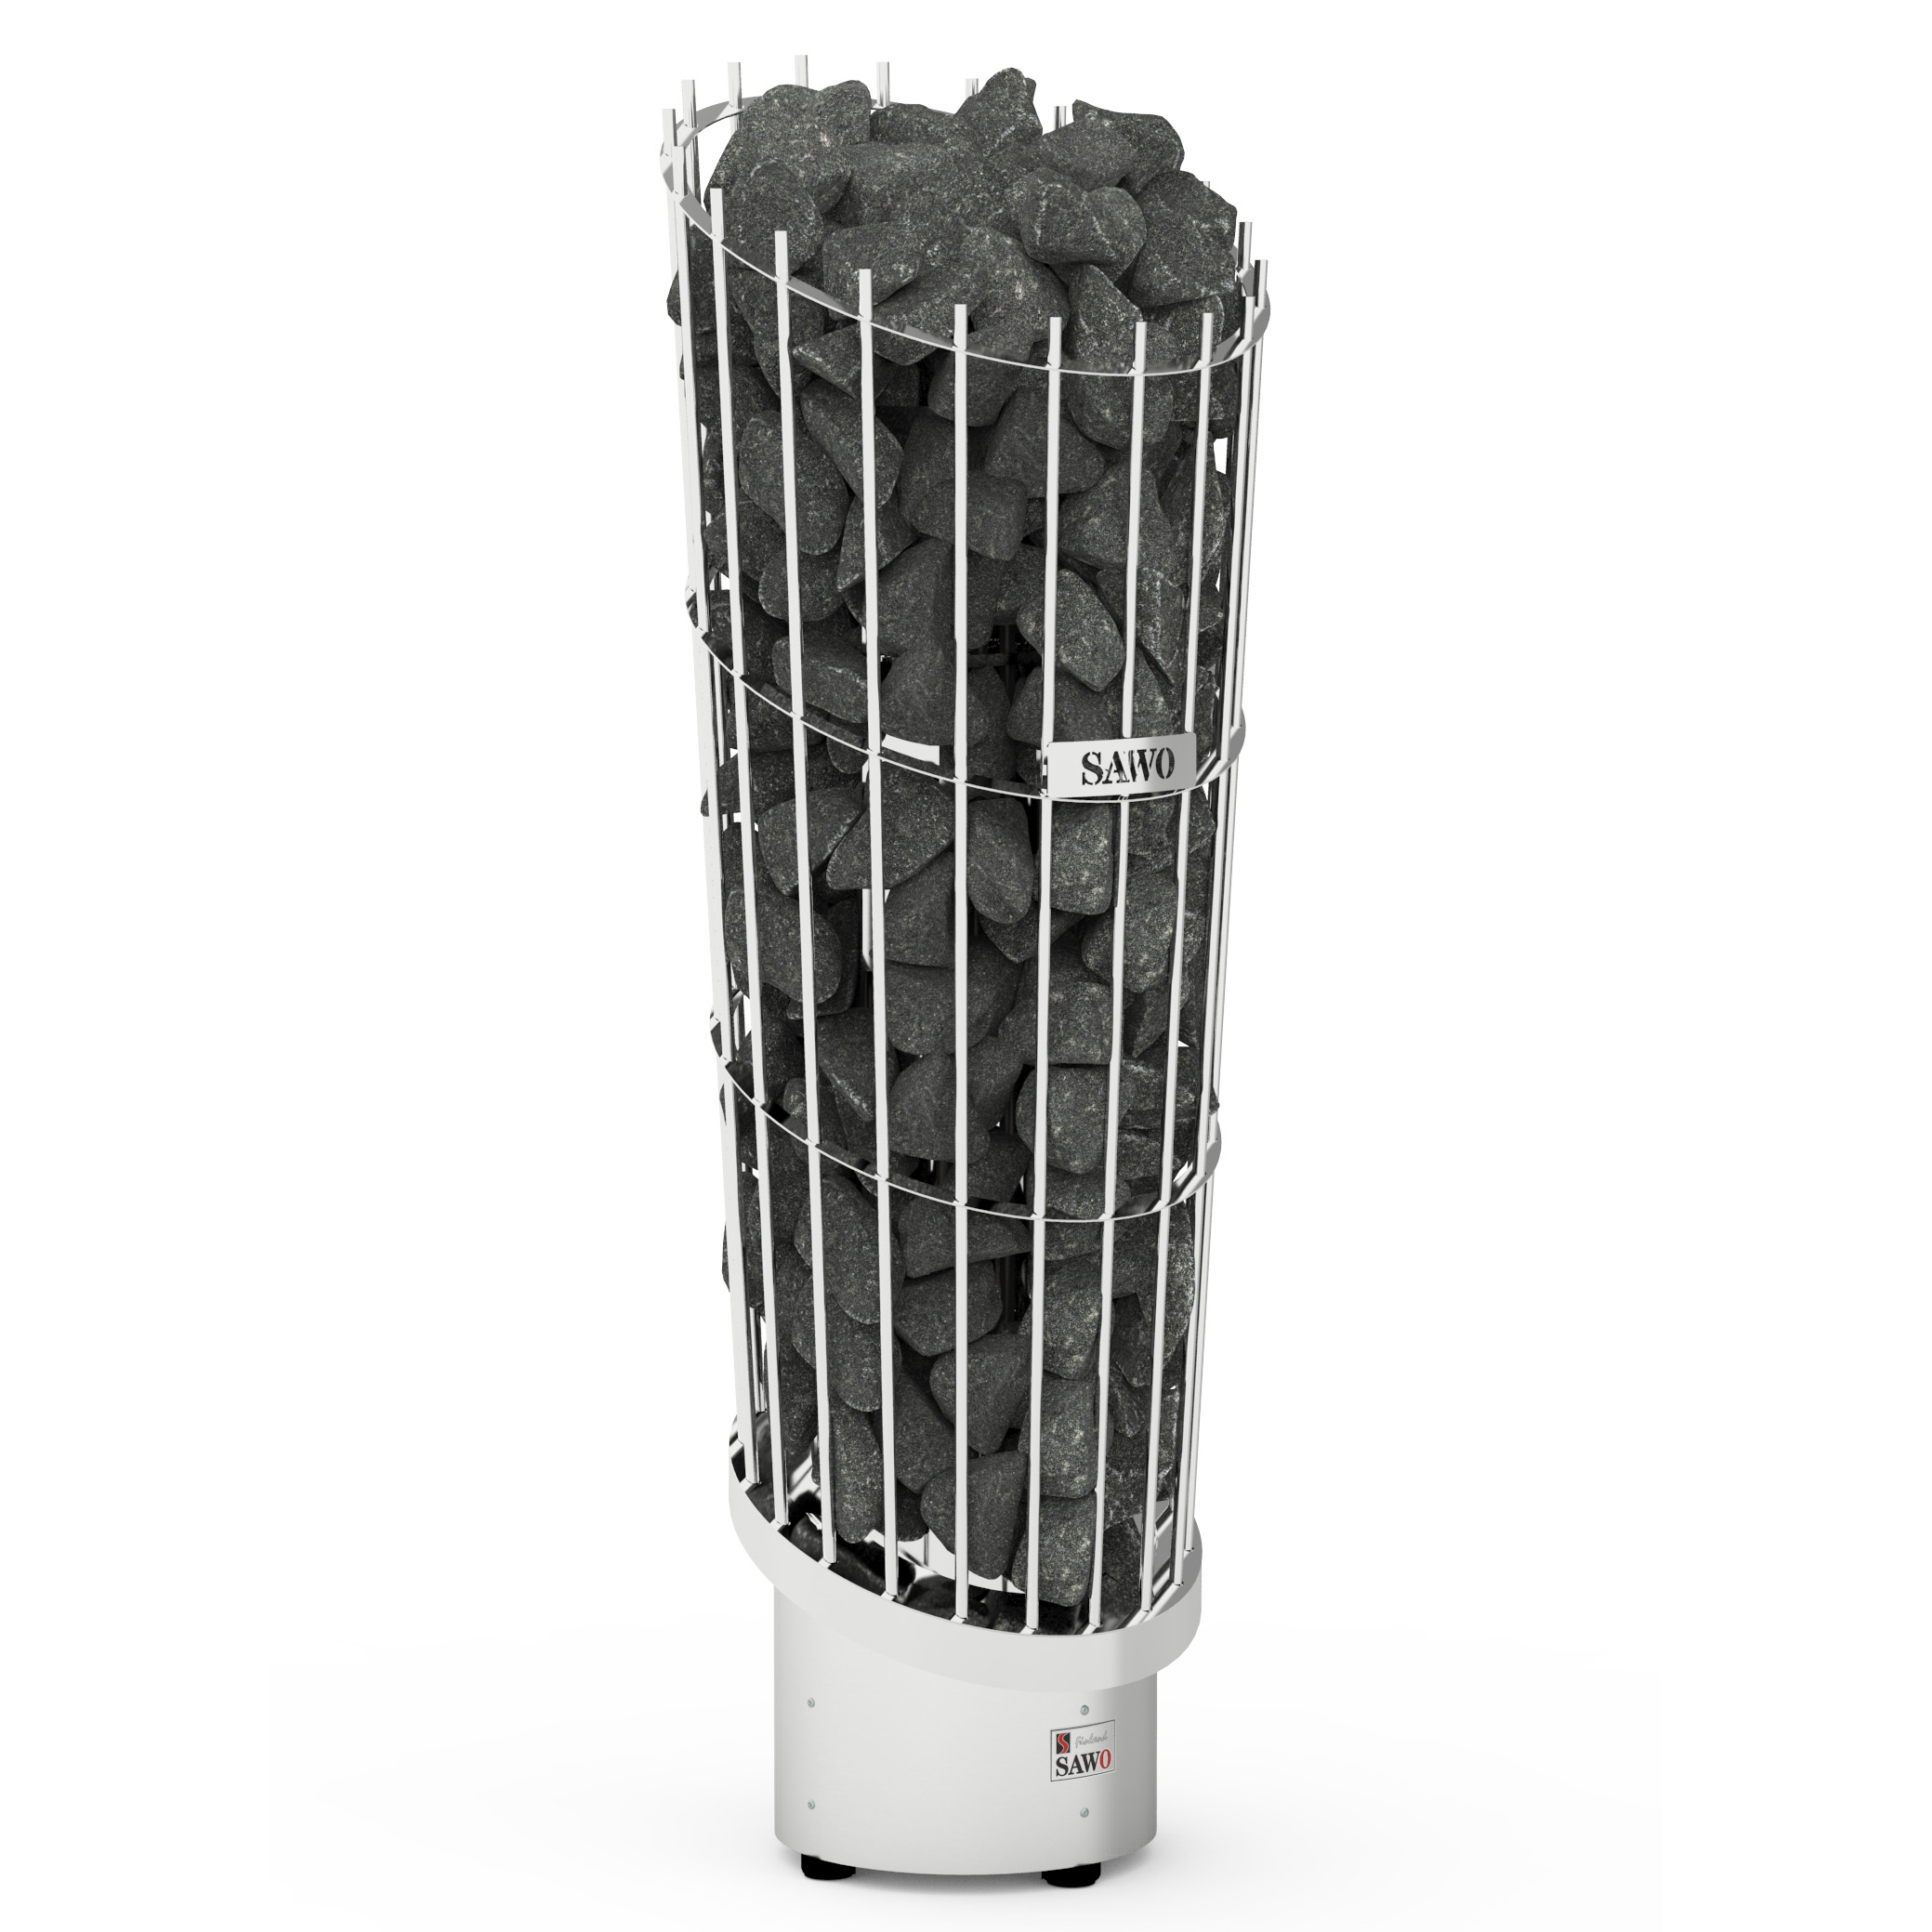 Sauna Electric heater Sawo Phoenix PNX3 7.5kW